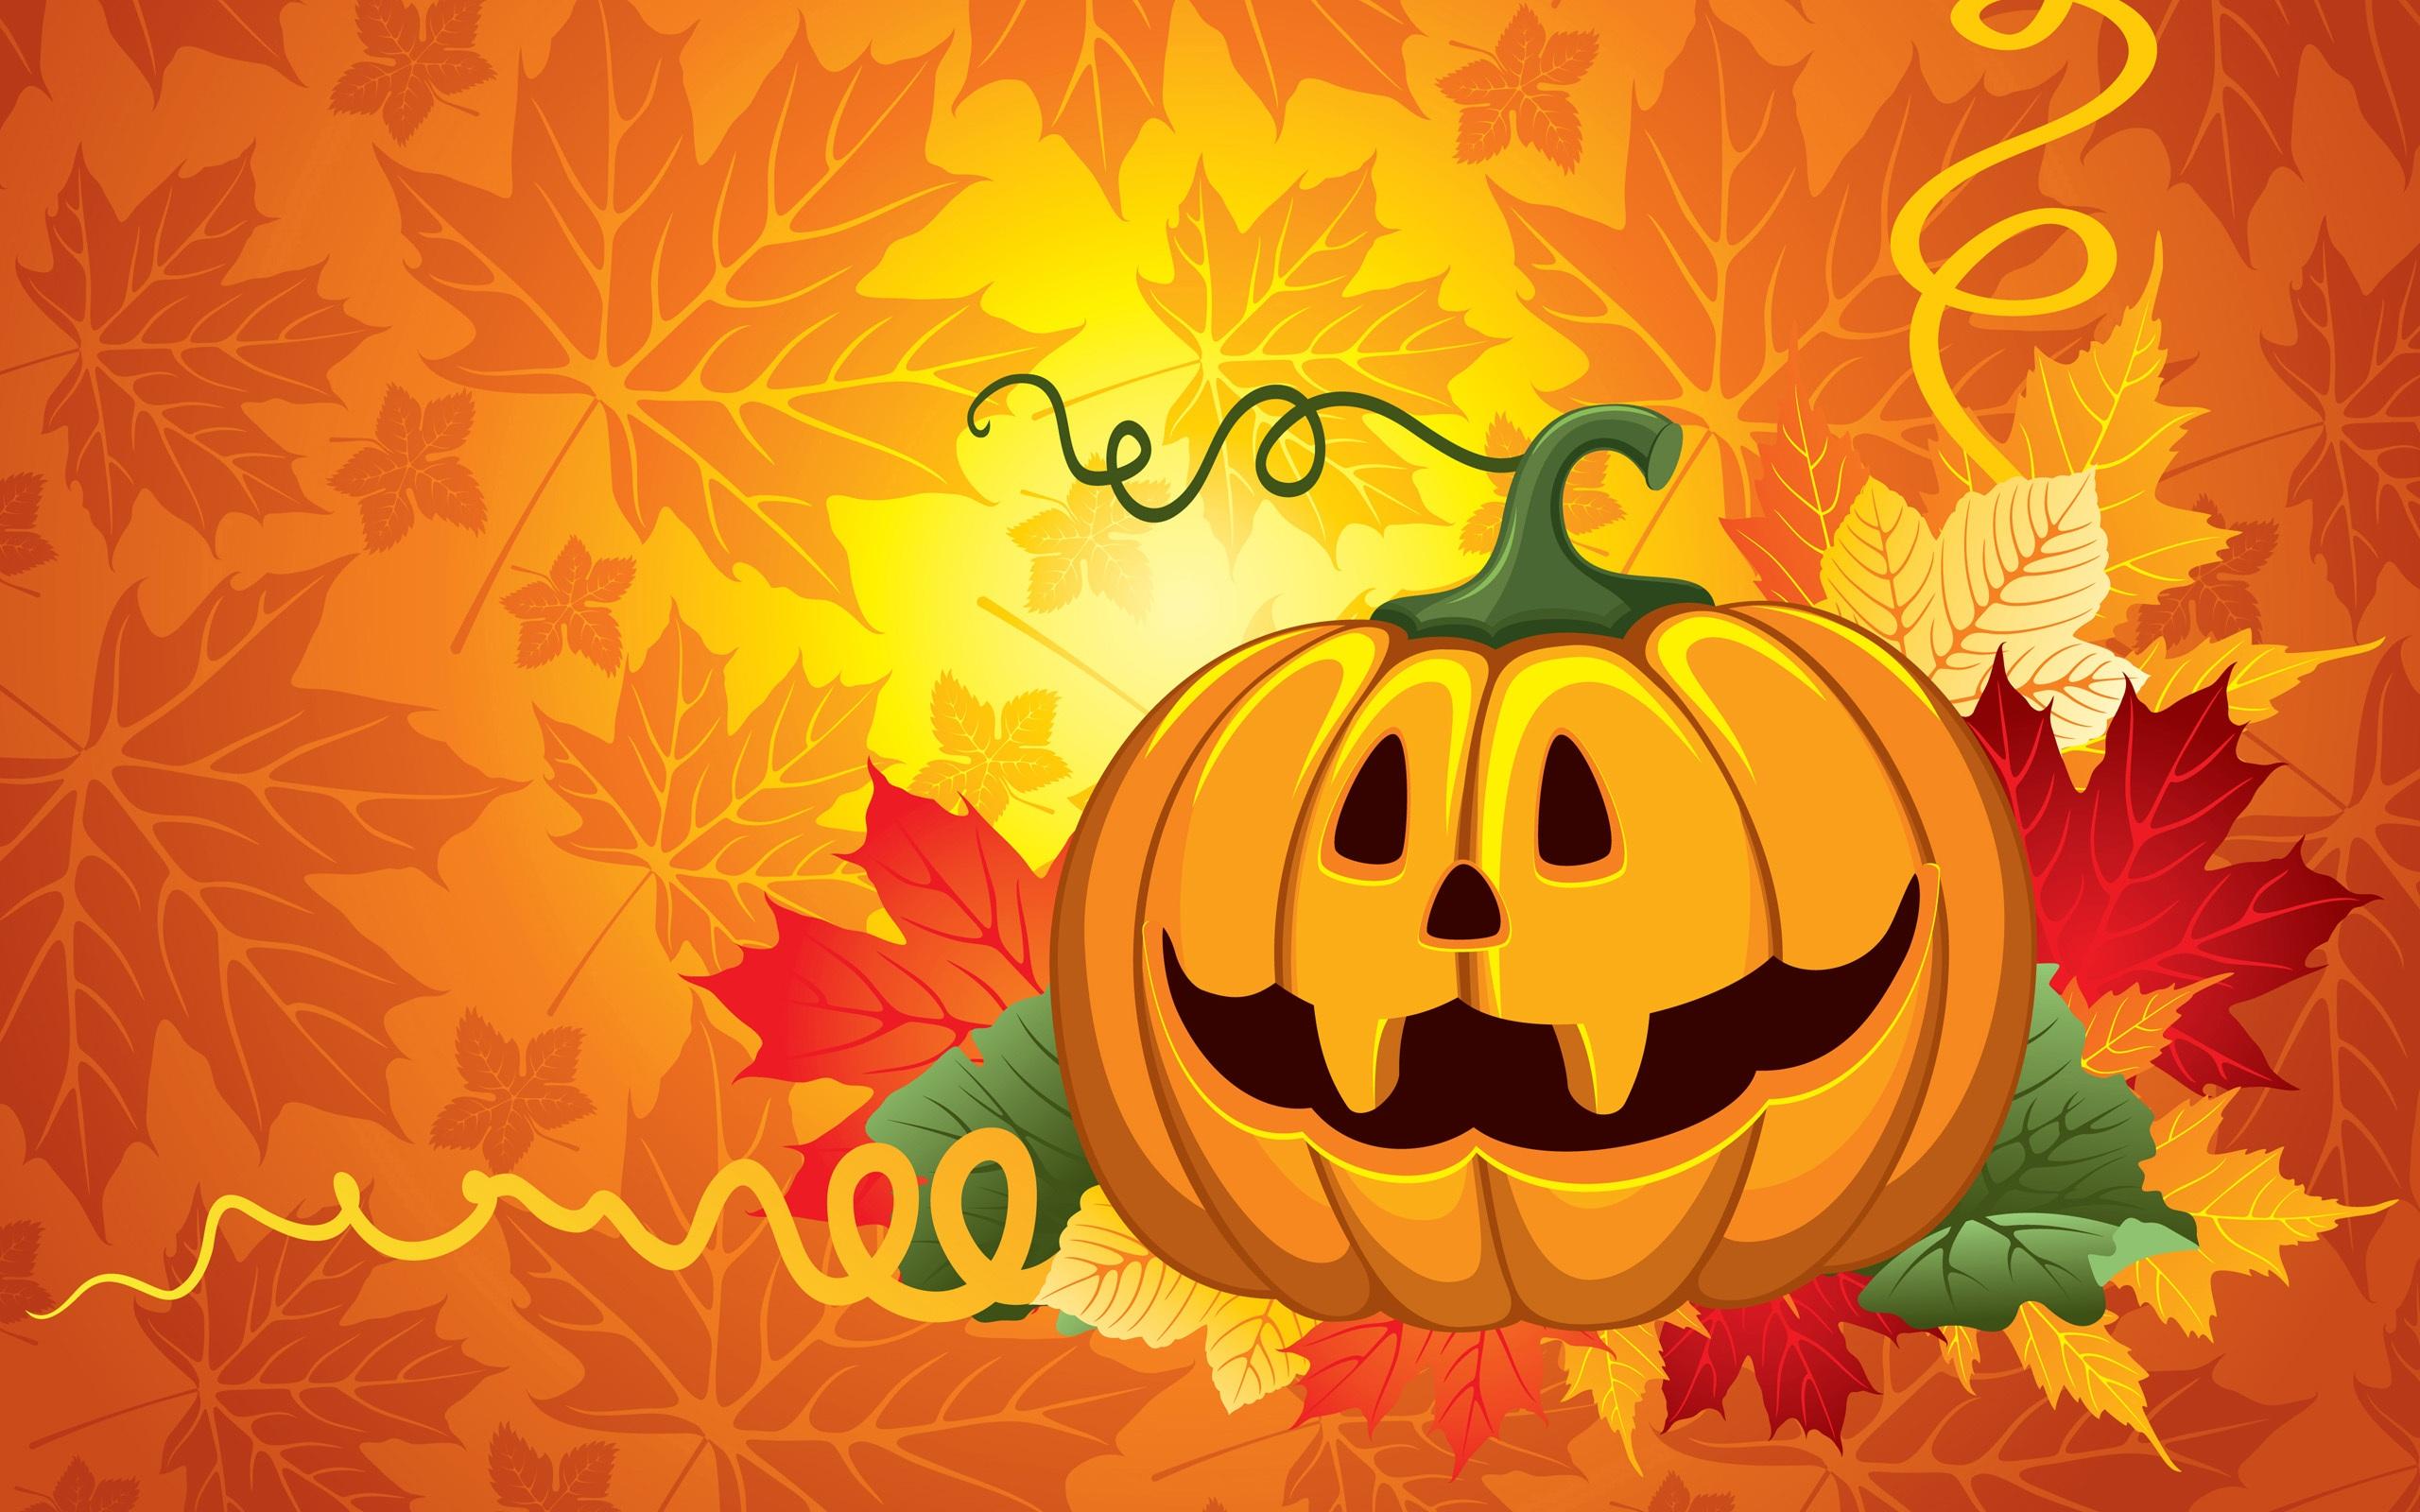 Wallpaper Halloween vector design 2560x1920 HD Picture Image